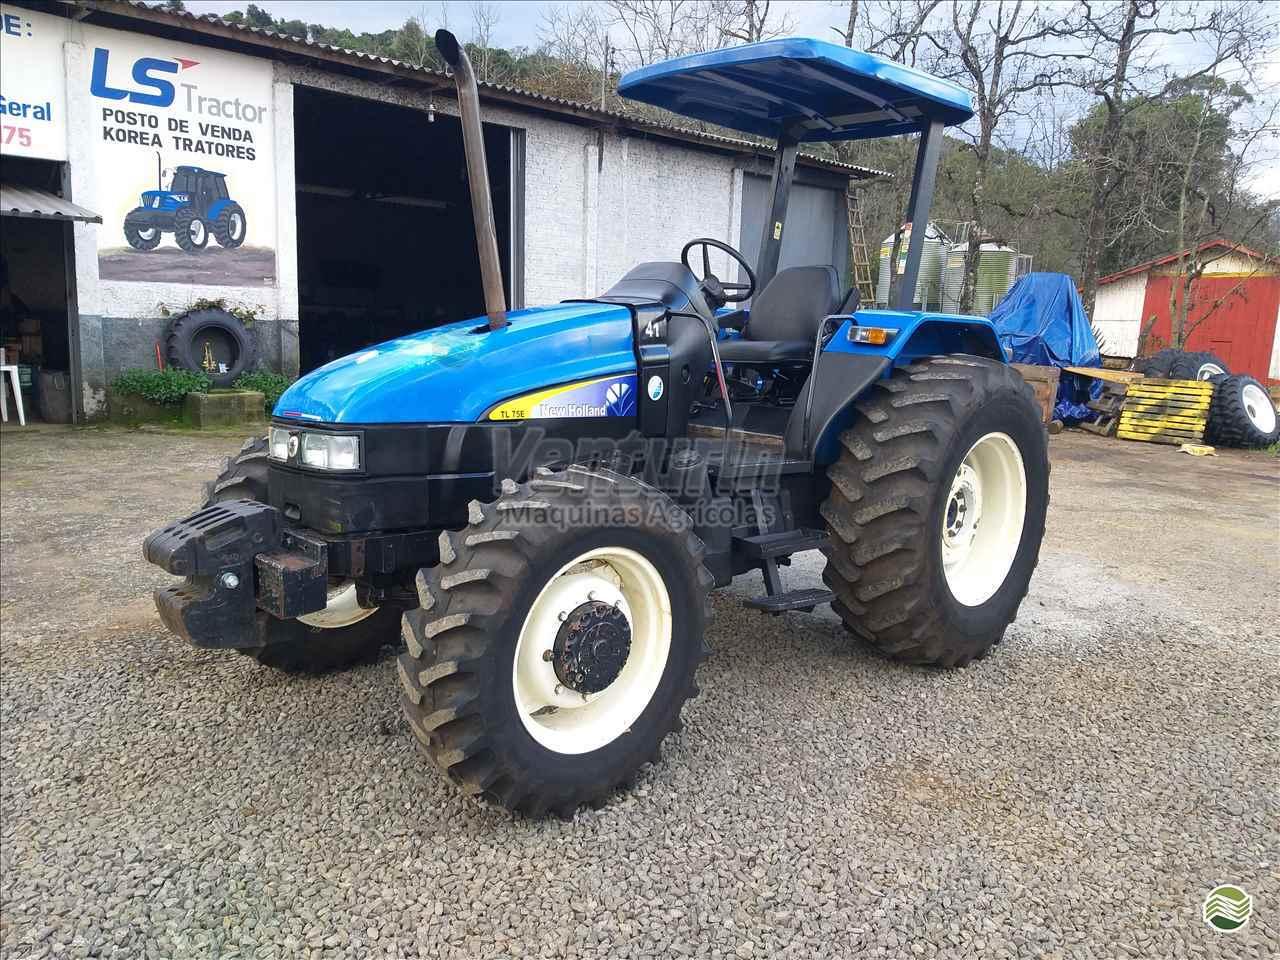 TRATOR NEW HOLLAND NEW TL 75 Tração 4x4 Venturin Máquinas Agrícolas  OURO SANTA CATARINA SC